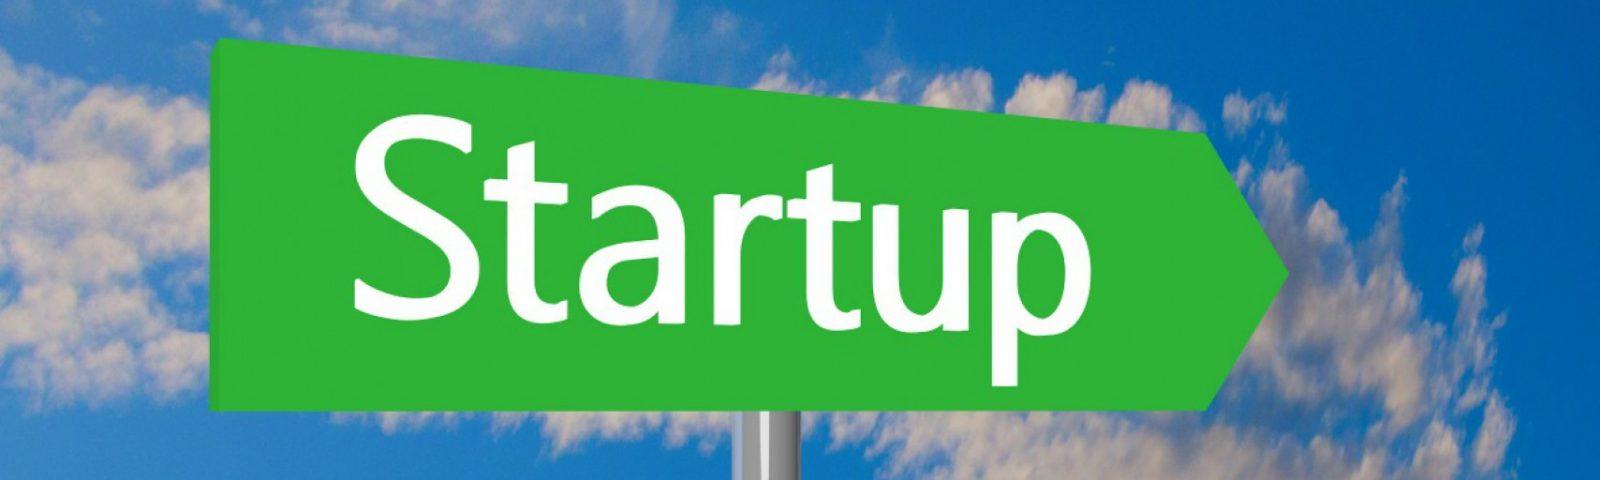 CTT concurso startup